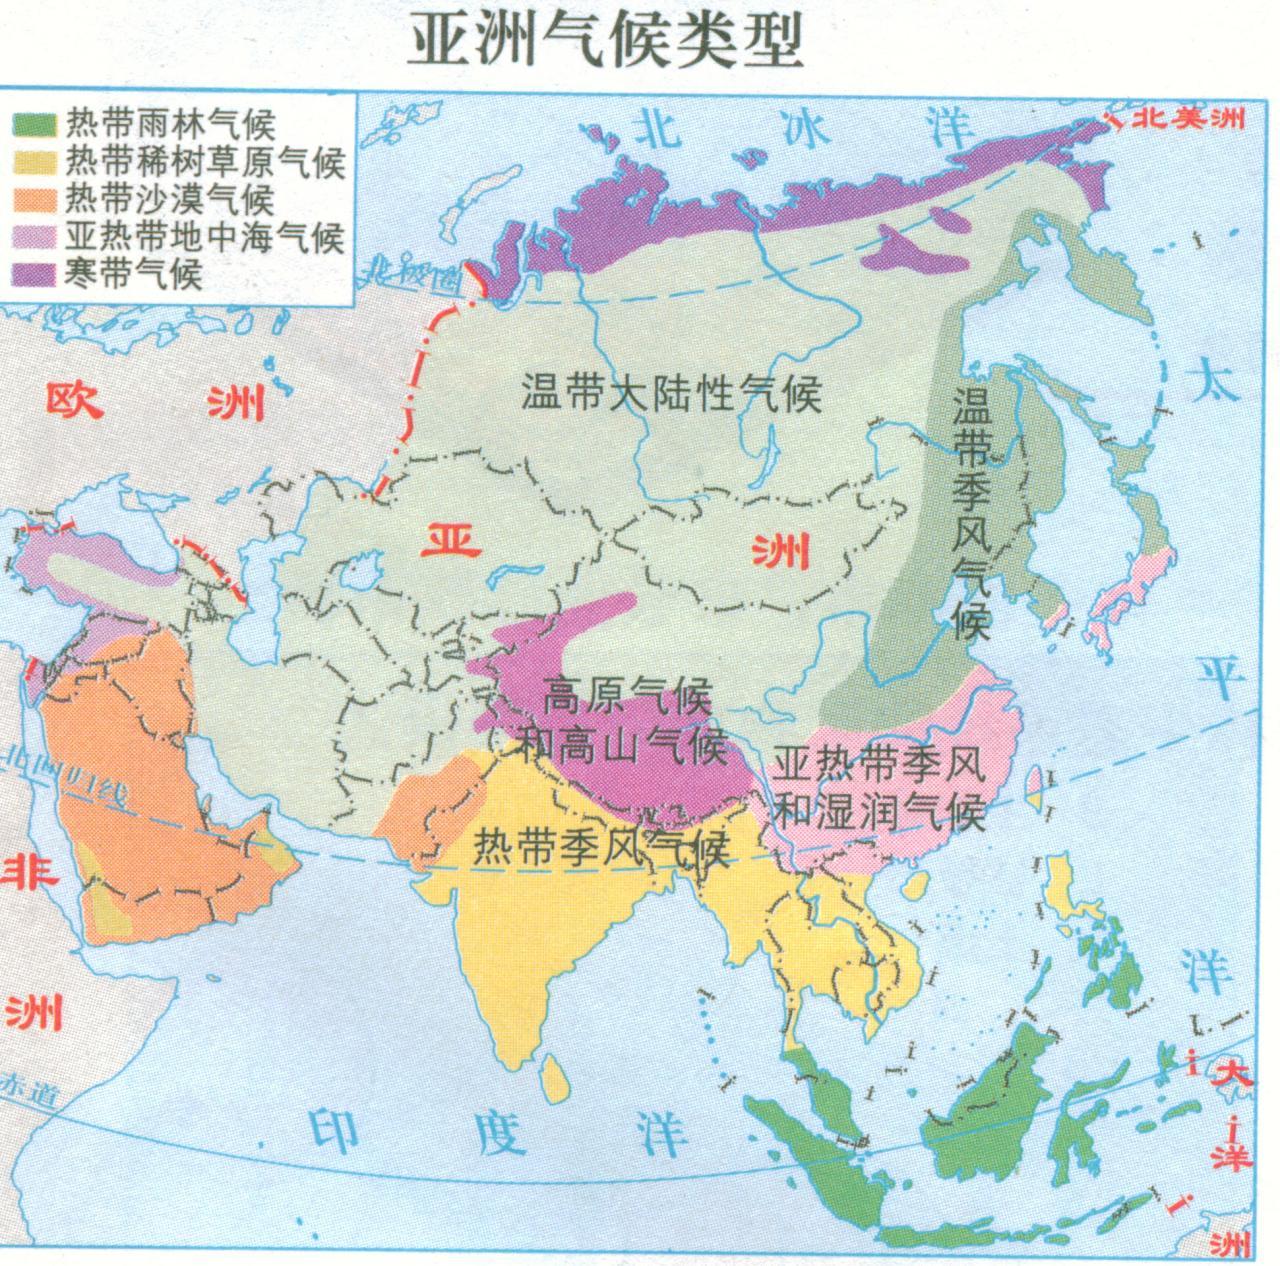 亚洲囹?a?]_通过观察亚洲气候类型图可以发现,亚洲的气候特点是:气候类型 ,季风